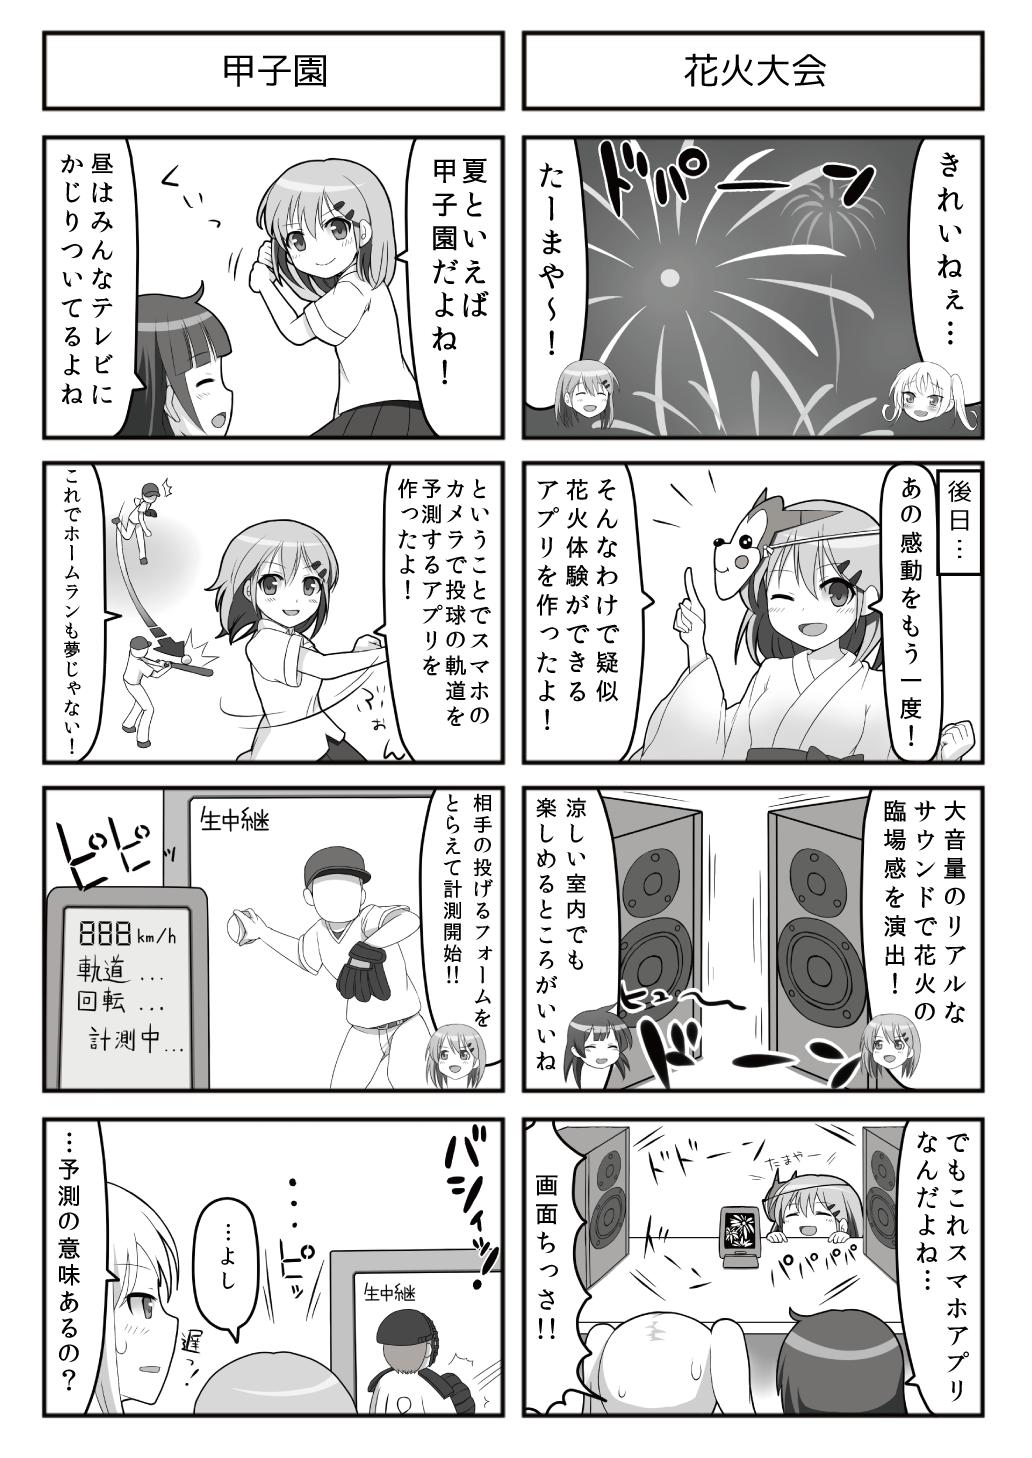 すぱこー Ver. 16